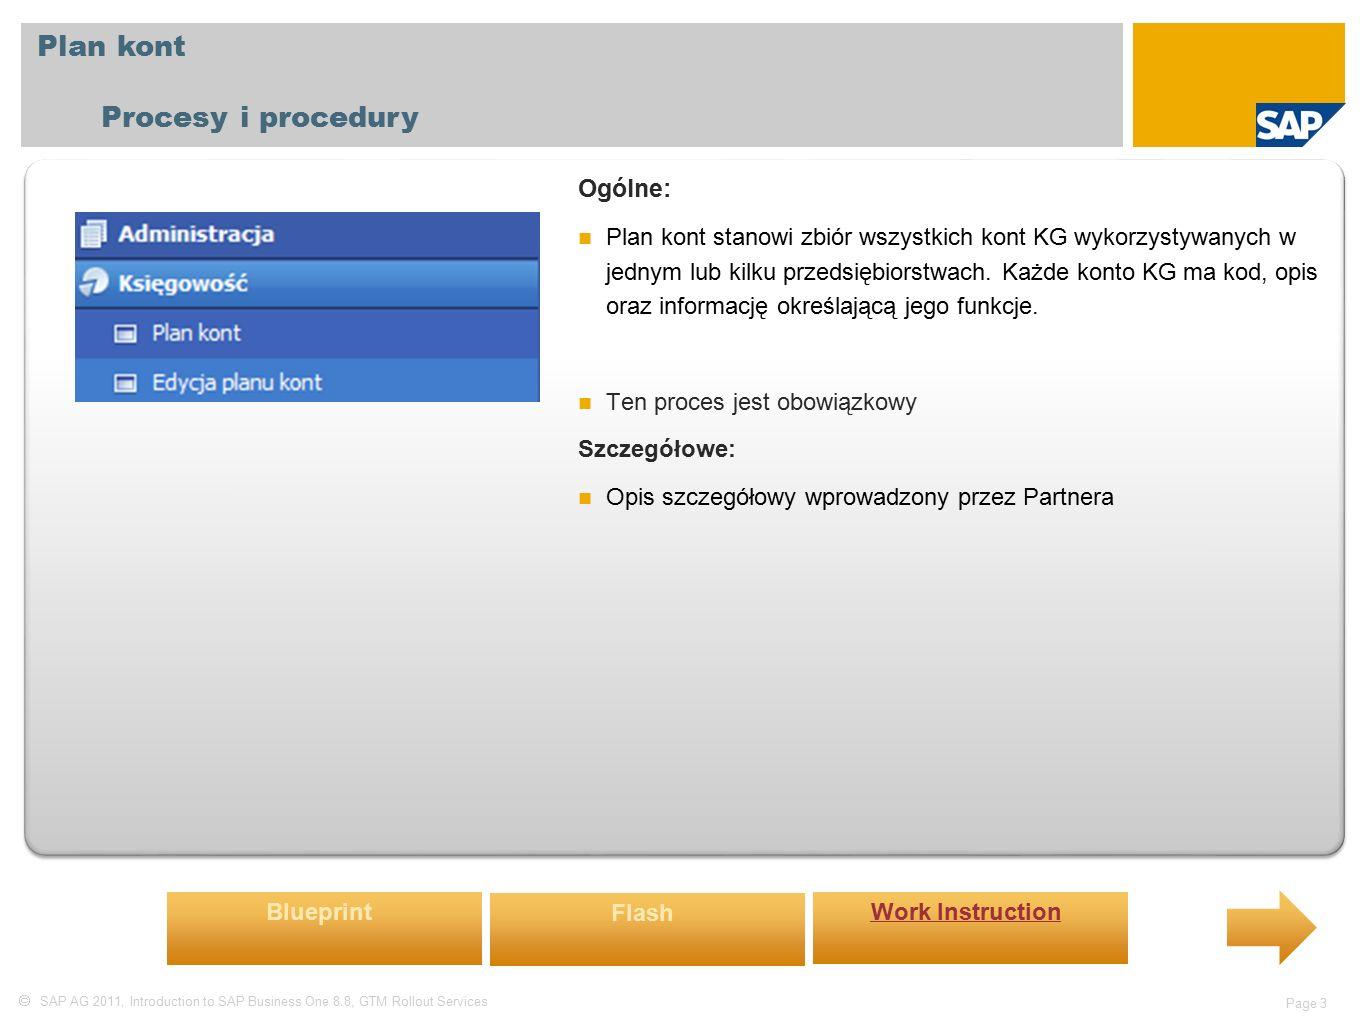  SAP AG 2011, Introduction to SAP Business One 8.8, GTM Rollout Services Page 3 Plan kont Procesy i procedury Ogólne: Plan kont stanowi zbiór wszystkich kont KG wykorzystywanych w jednym lub kilku przedsiębiorstwach.